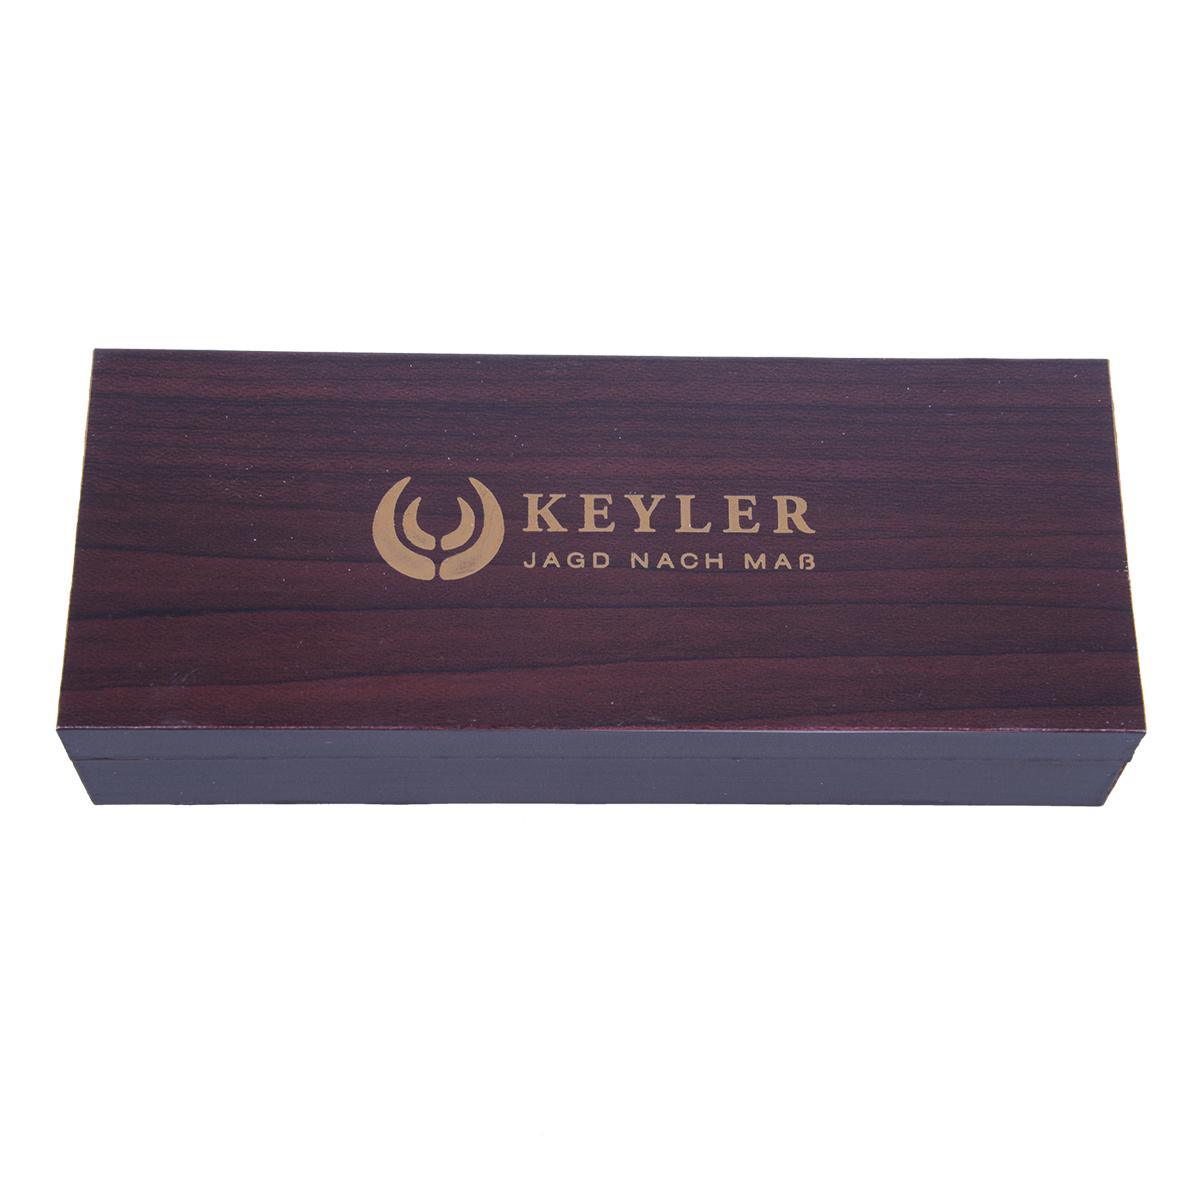 KEYLER Taschenmesser 6-tlg. im Keylershop